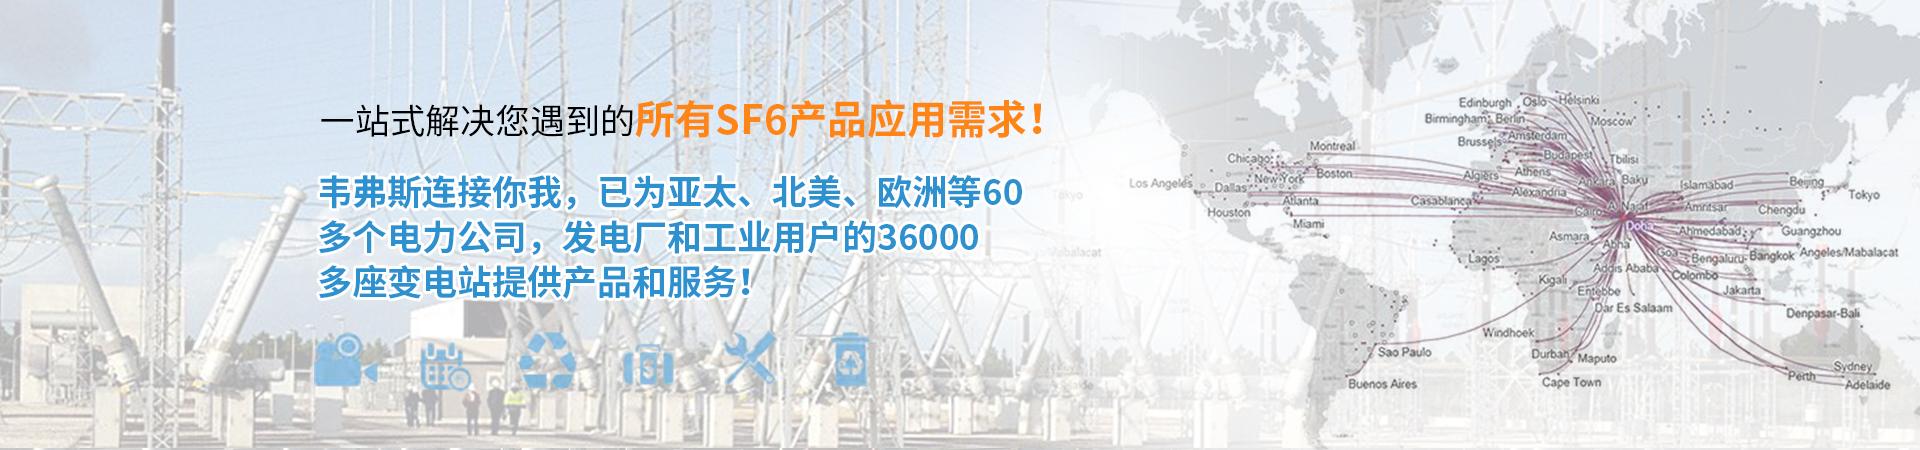 SF6在线监测系统